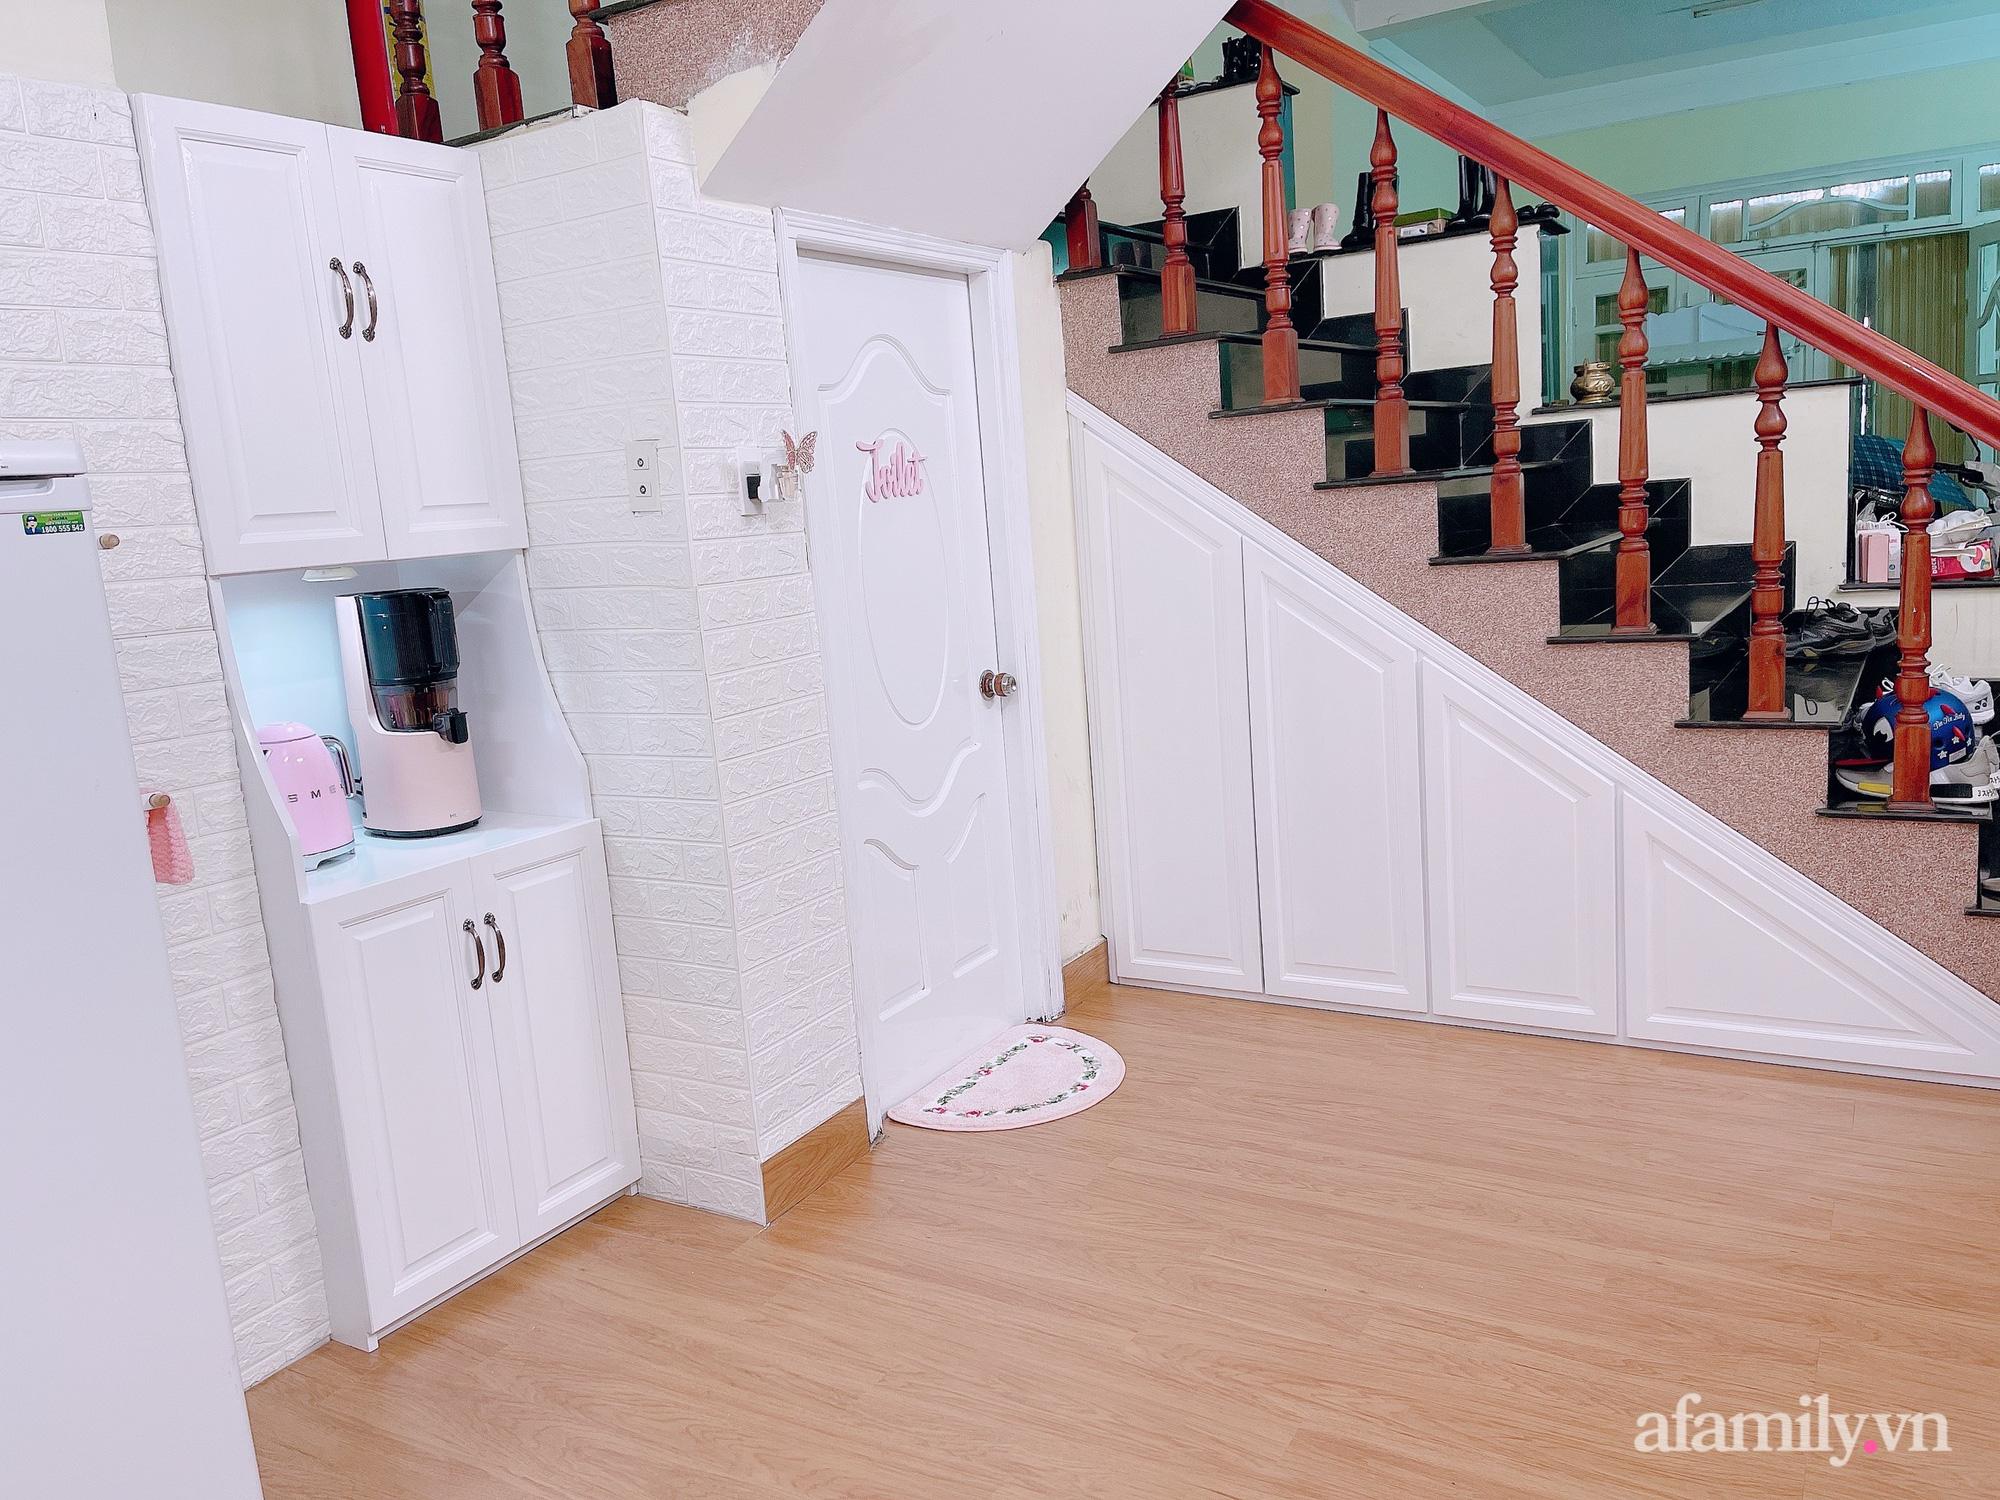 Mẹ trẻ Đà Lạt tự cải tạo căn bếp chật hẹp thành không gian tiện nghi với chi phí rẻ không ngờ - Ảnh 3.